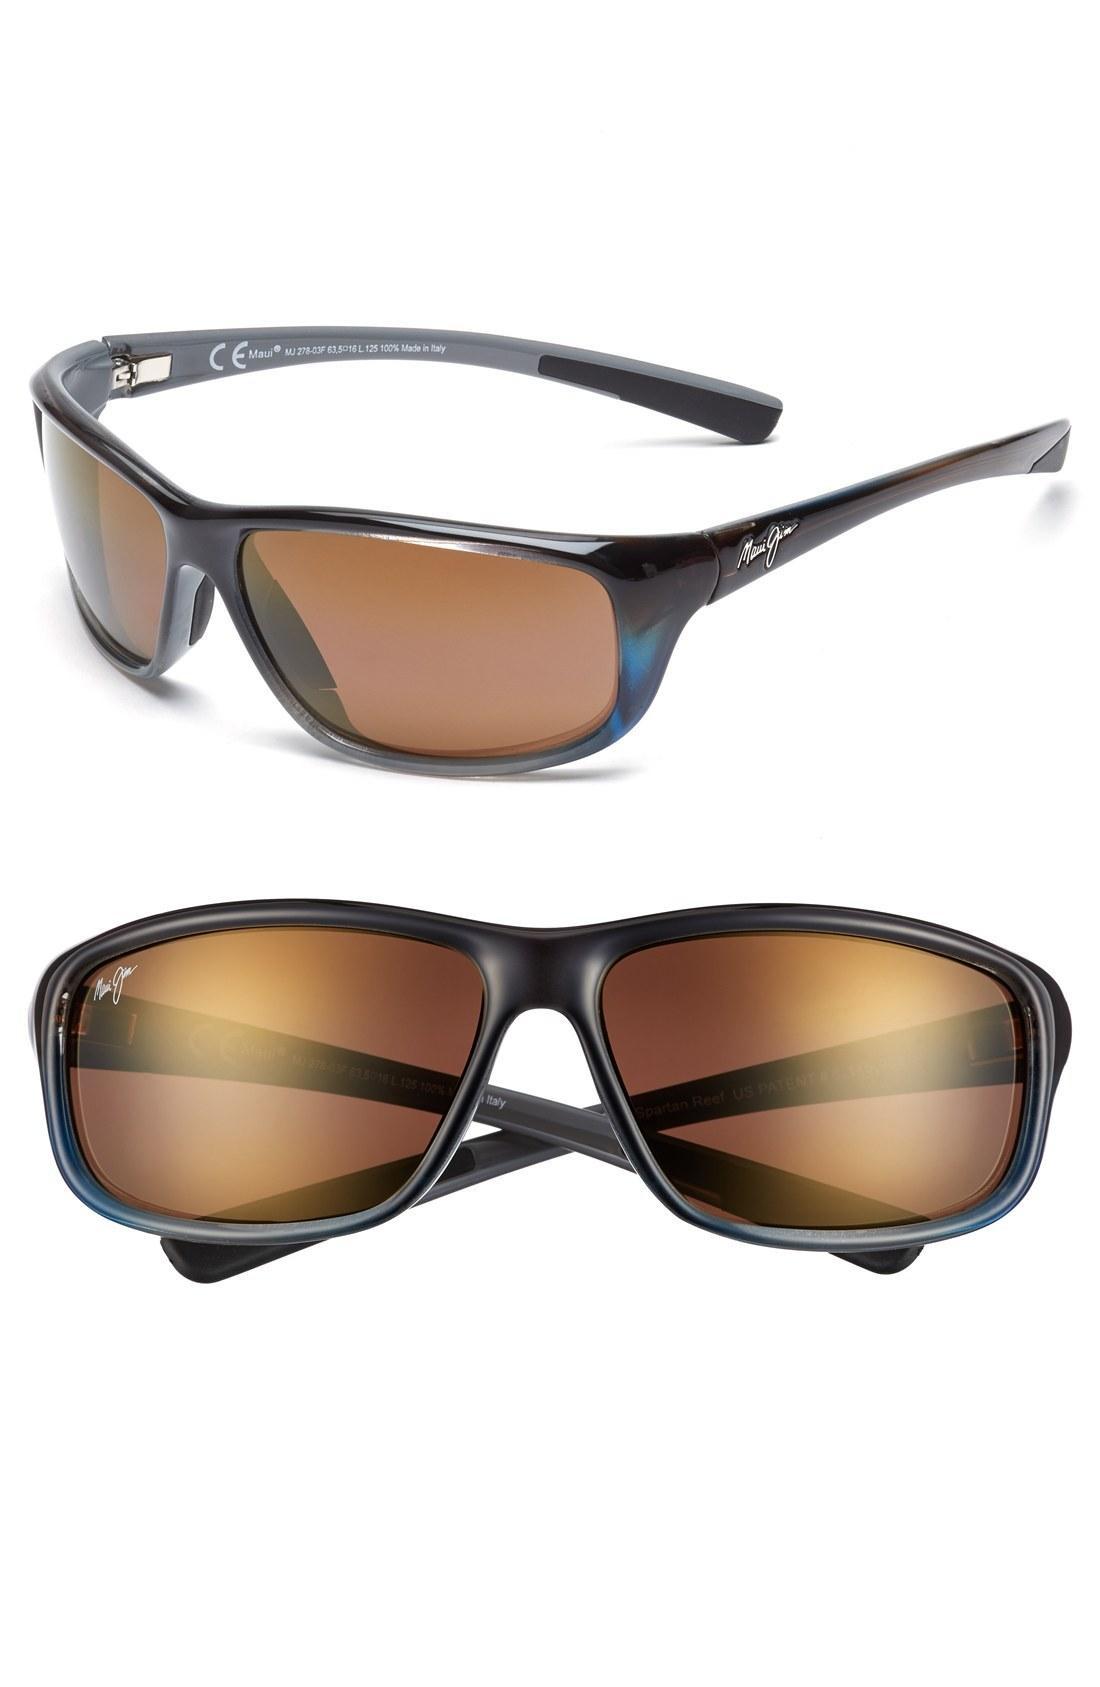 6179b2ffbf7 Maui Jim 'Spartan Reef - Polarizedplus2' 64Mm Sunglasses - Marlin/ Hcl  Bronze In